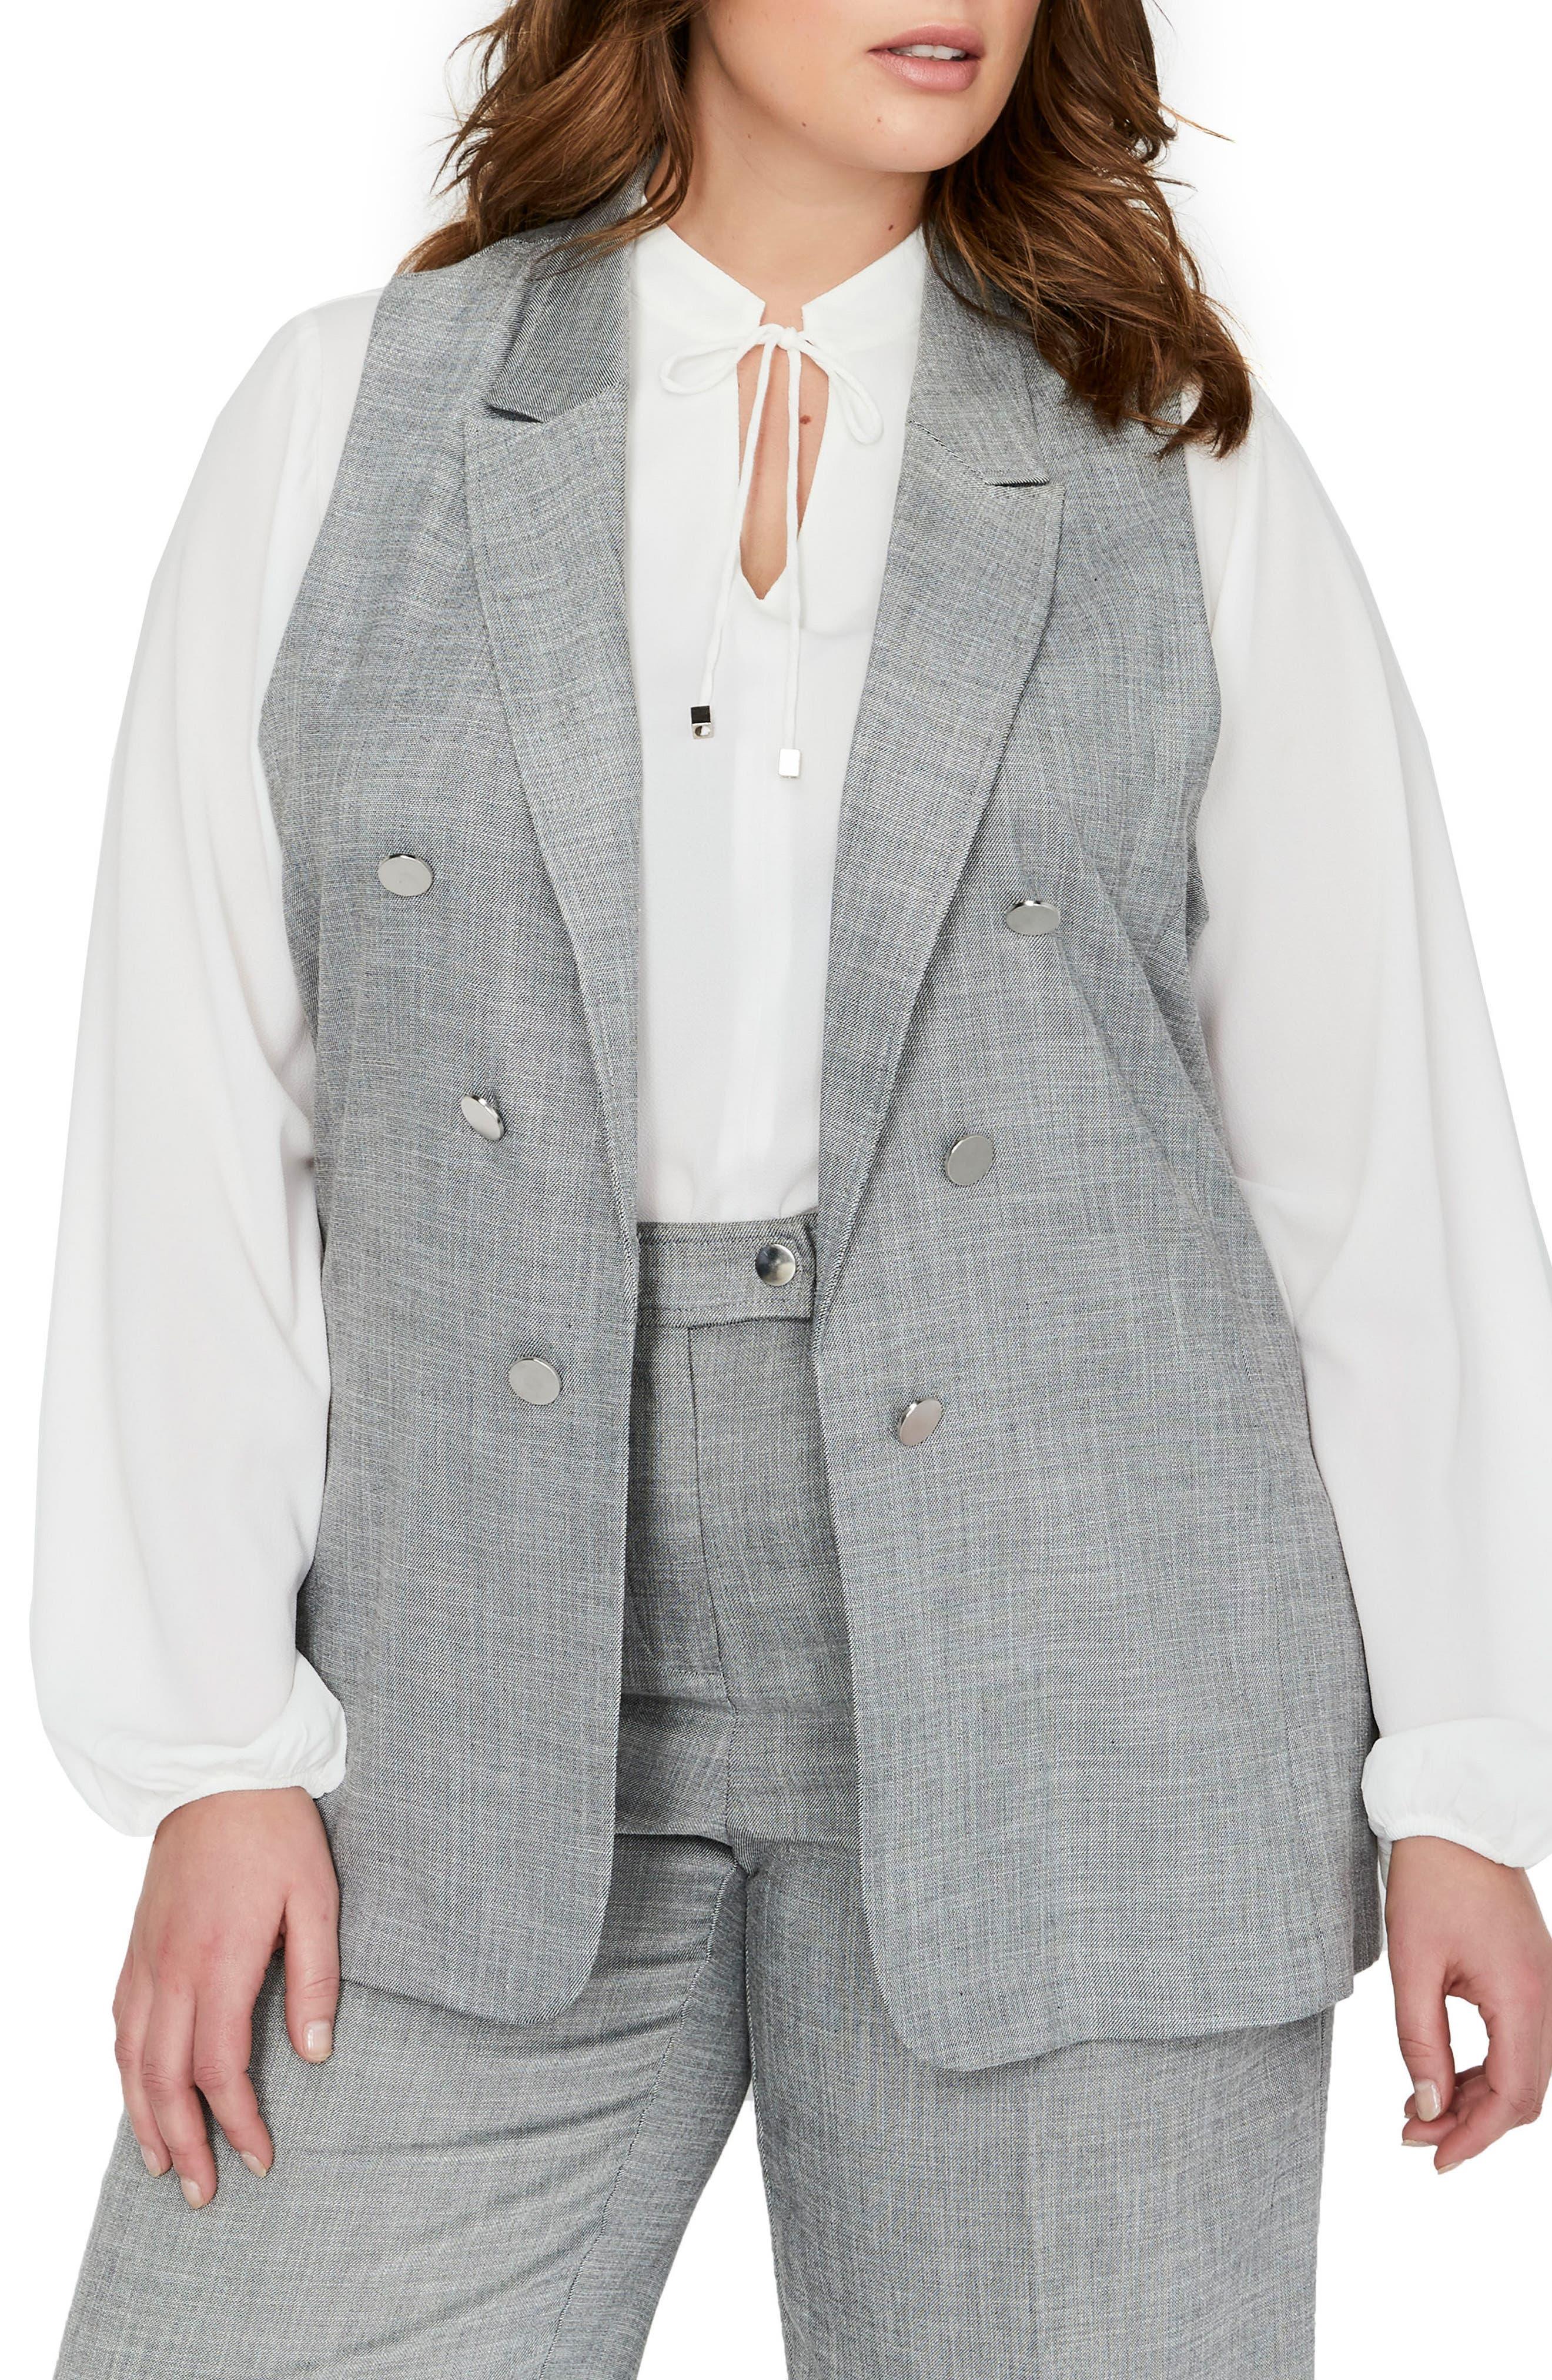 MICHEL STUDIO Peak Collar Vest (Plus Size)